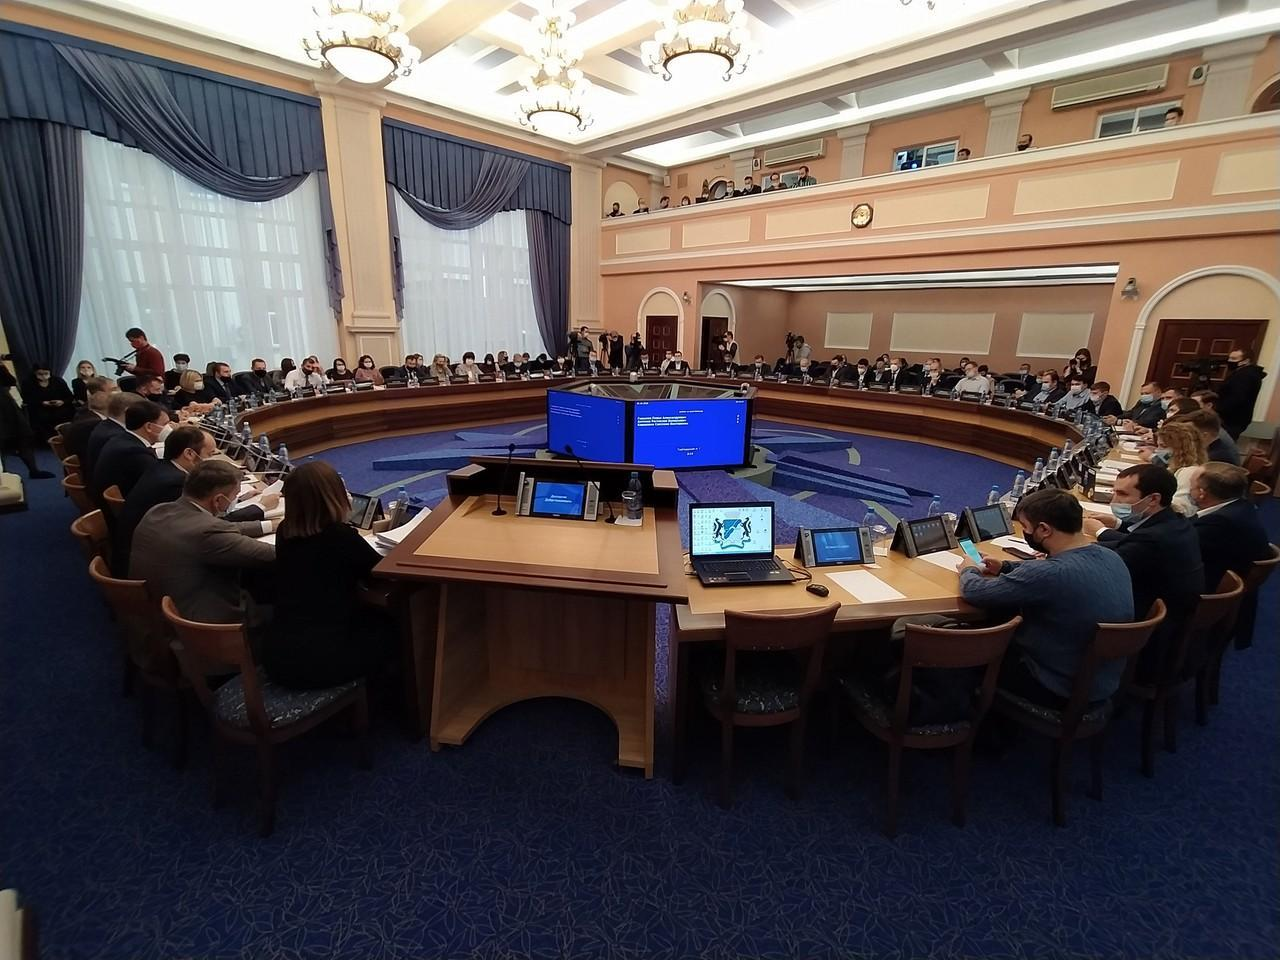 фото Коротко: 5 тезисов из доклада главы минздрава о ситуации с COVID-19 в Новосибирске 2